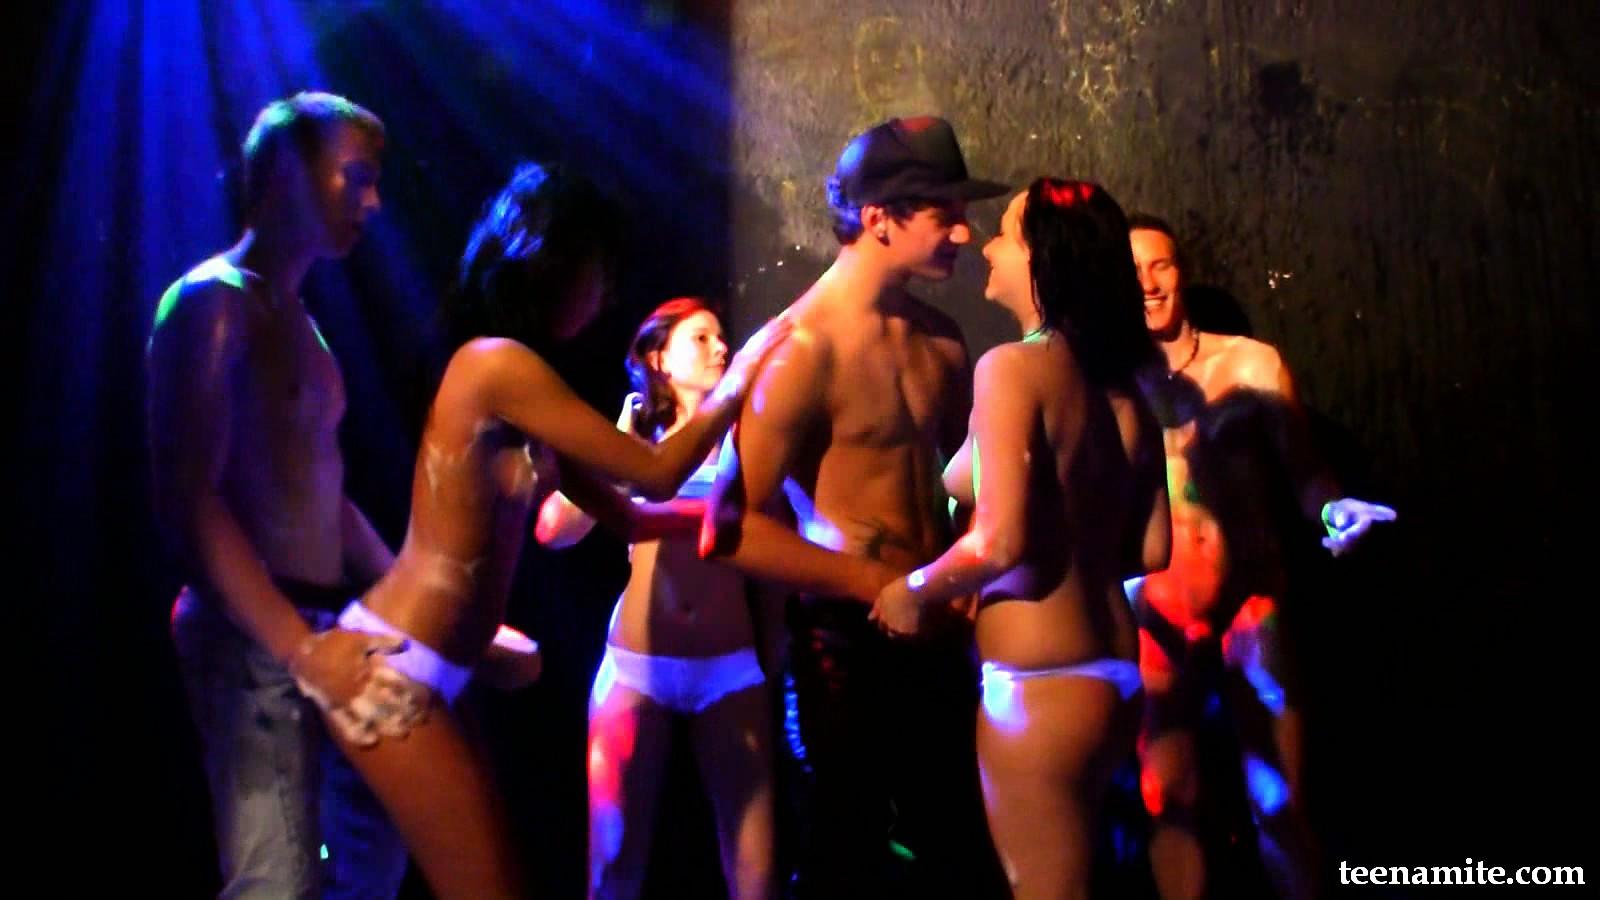 Порно танцы дискотека